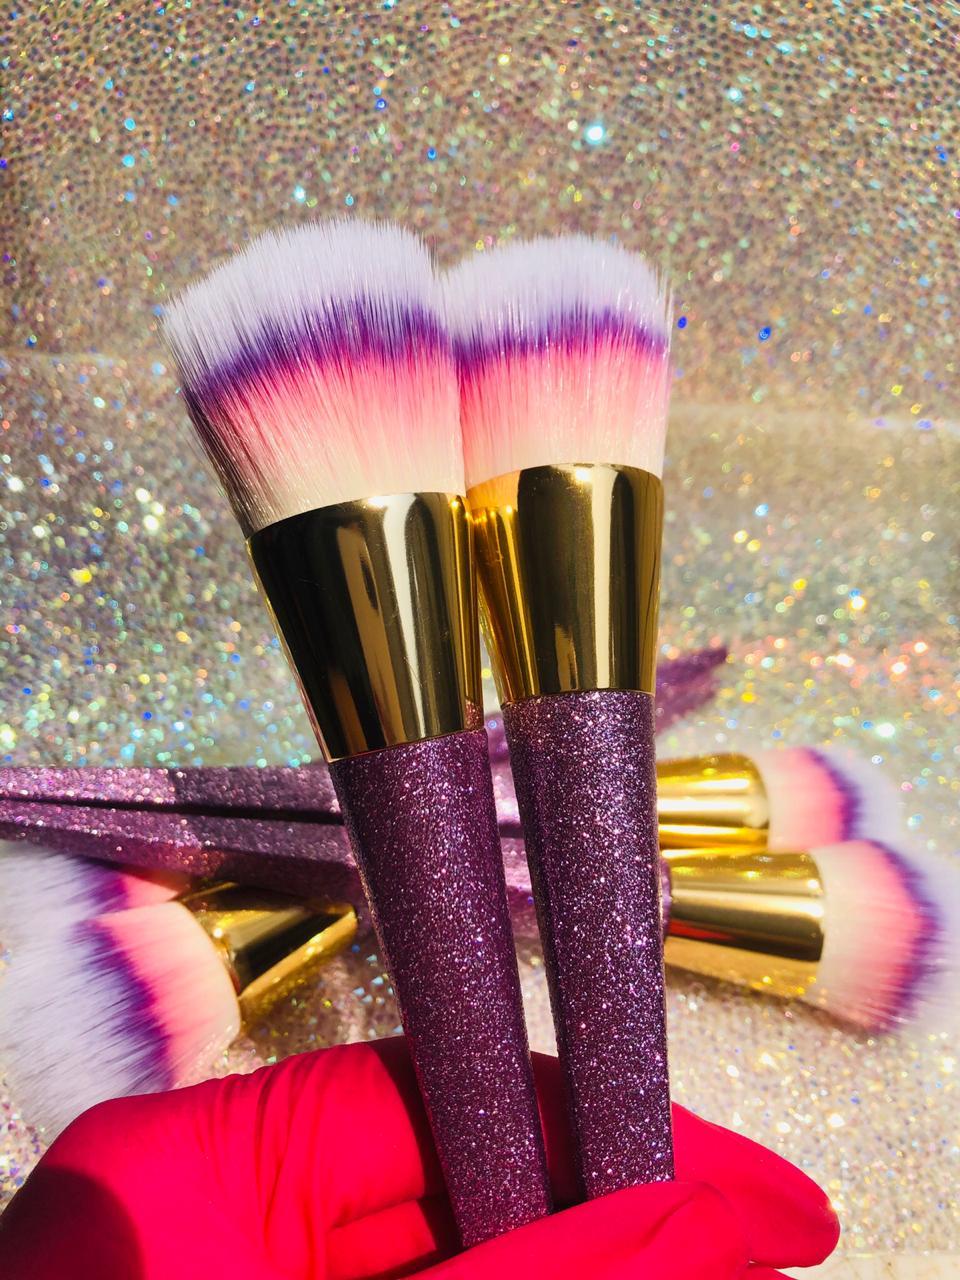 Pincel para tirar po com glitter  - Sílvia Pedrarias & Cia